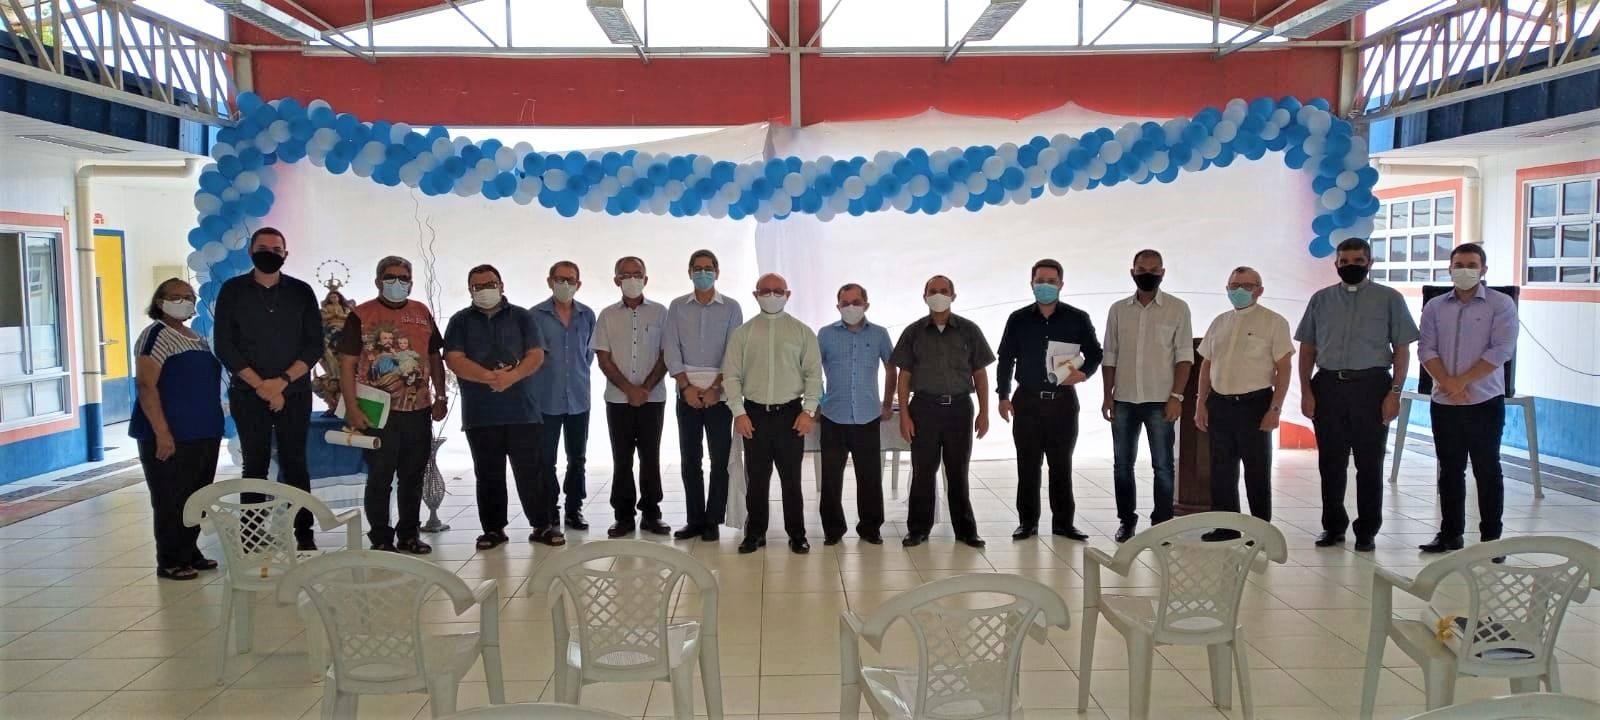 Forania do Brejo se reúne na Paróquia de Poci